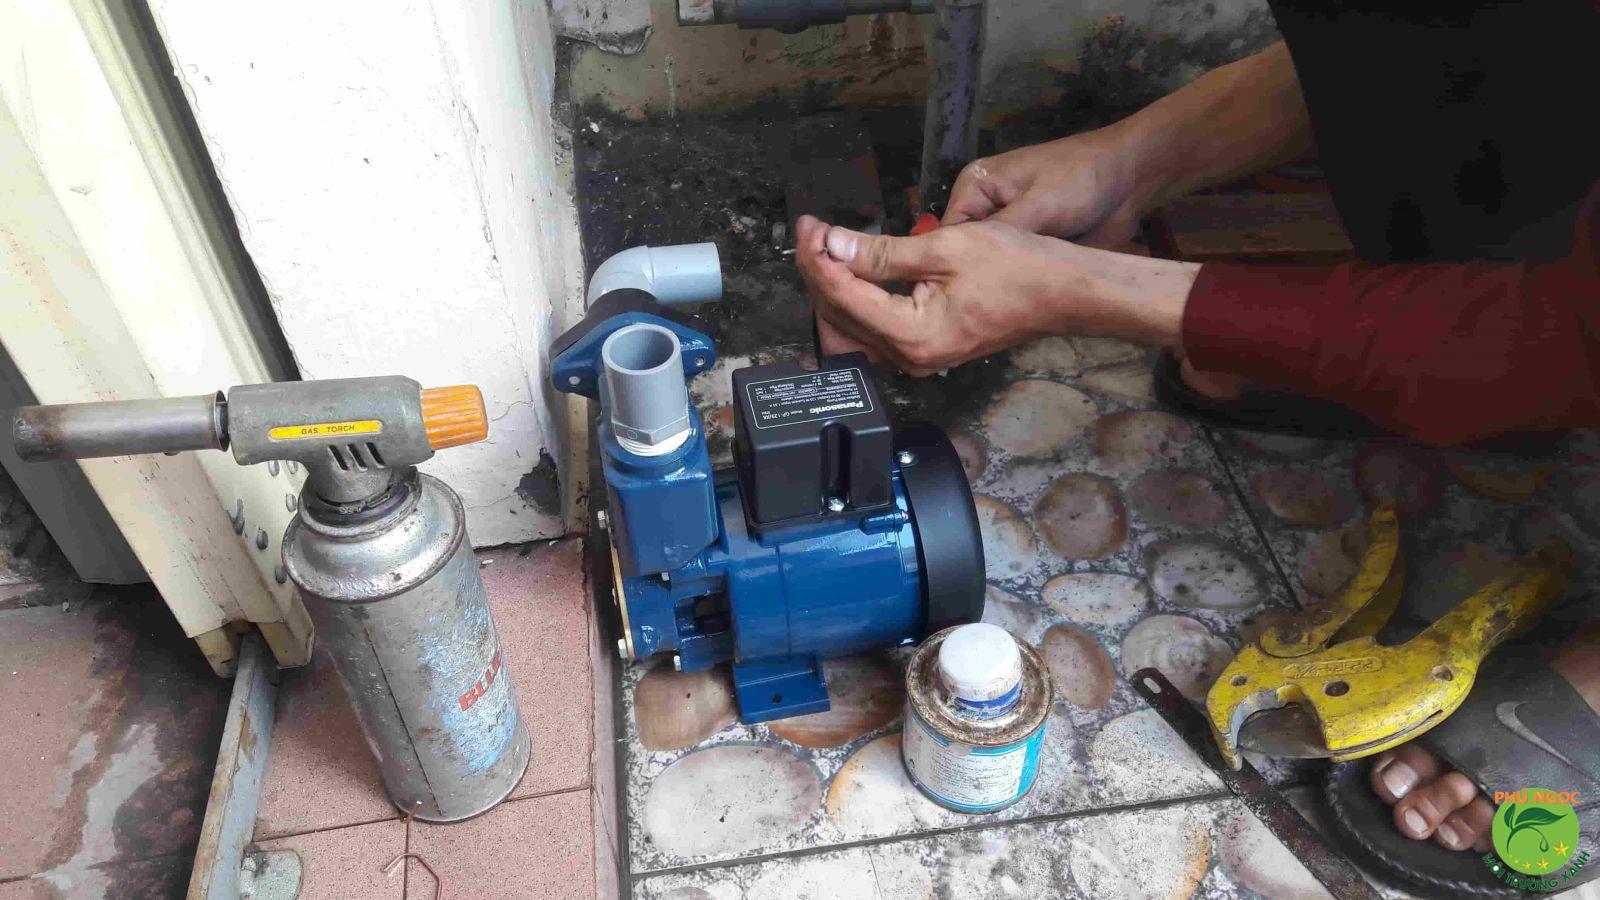 Dịch vụ sửa máy bơm huyện Hóc Môn làm việc chuyên nghiệp